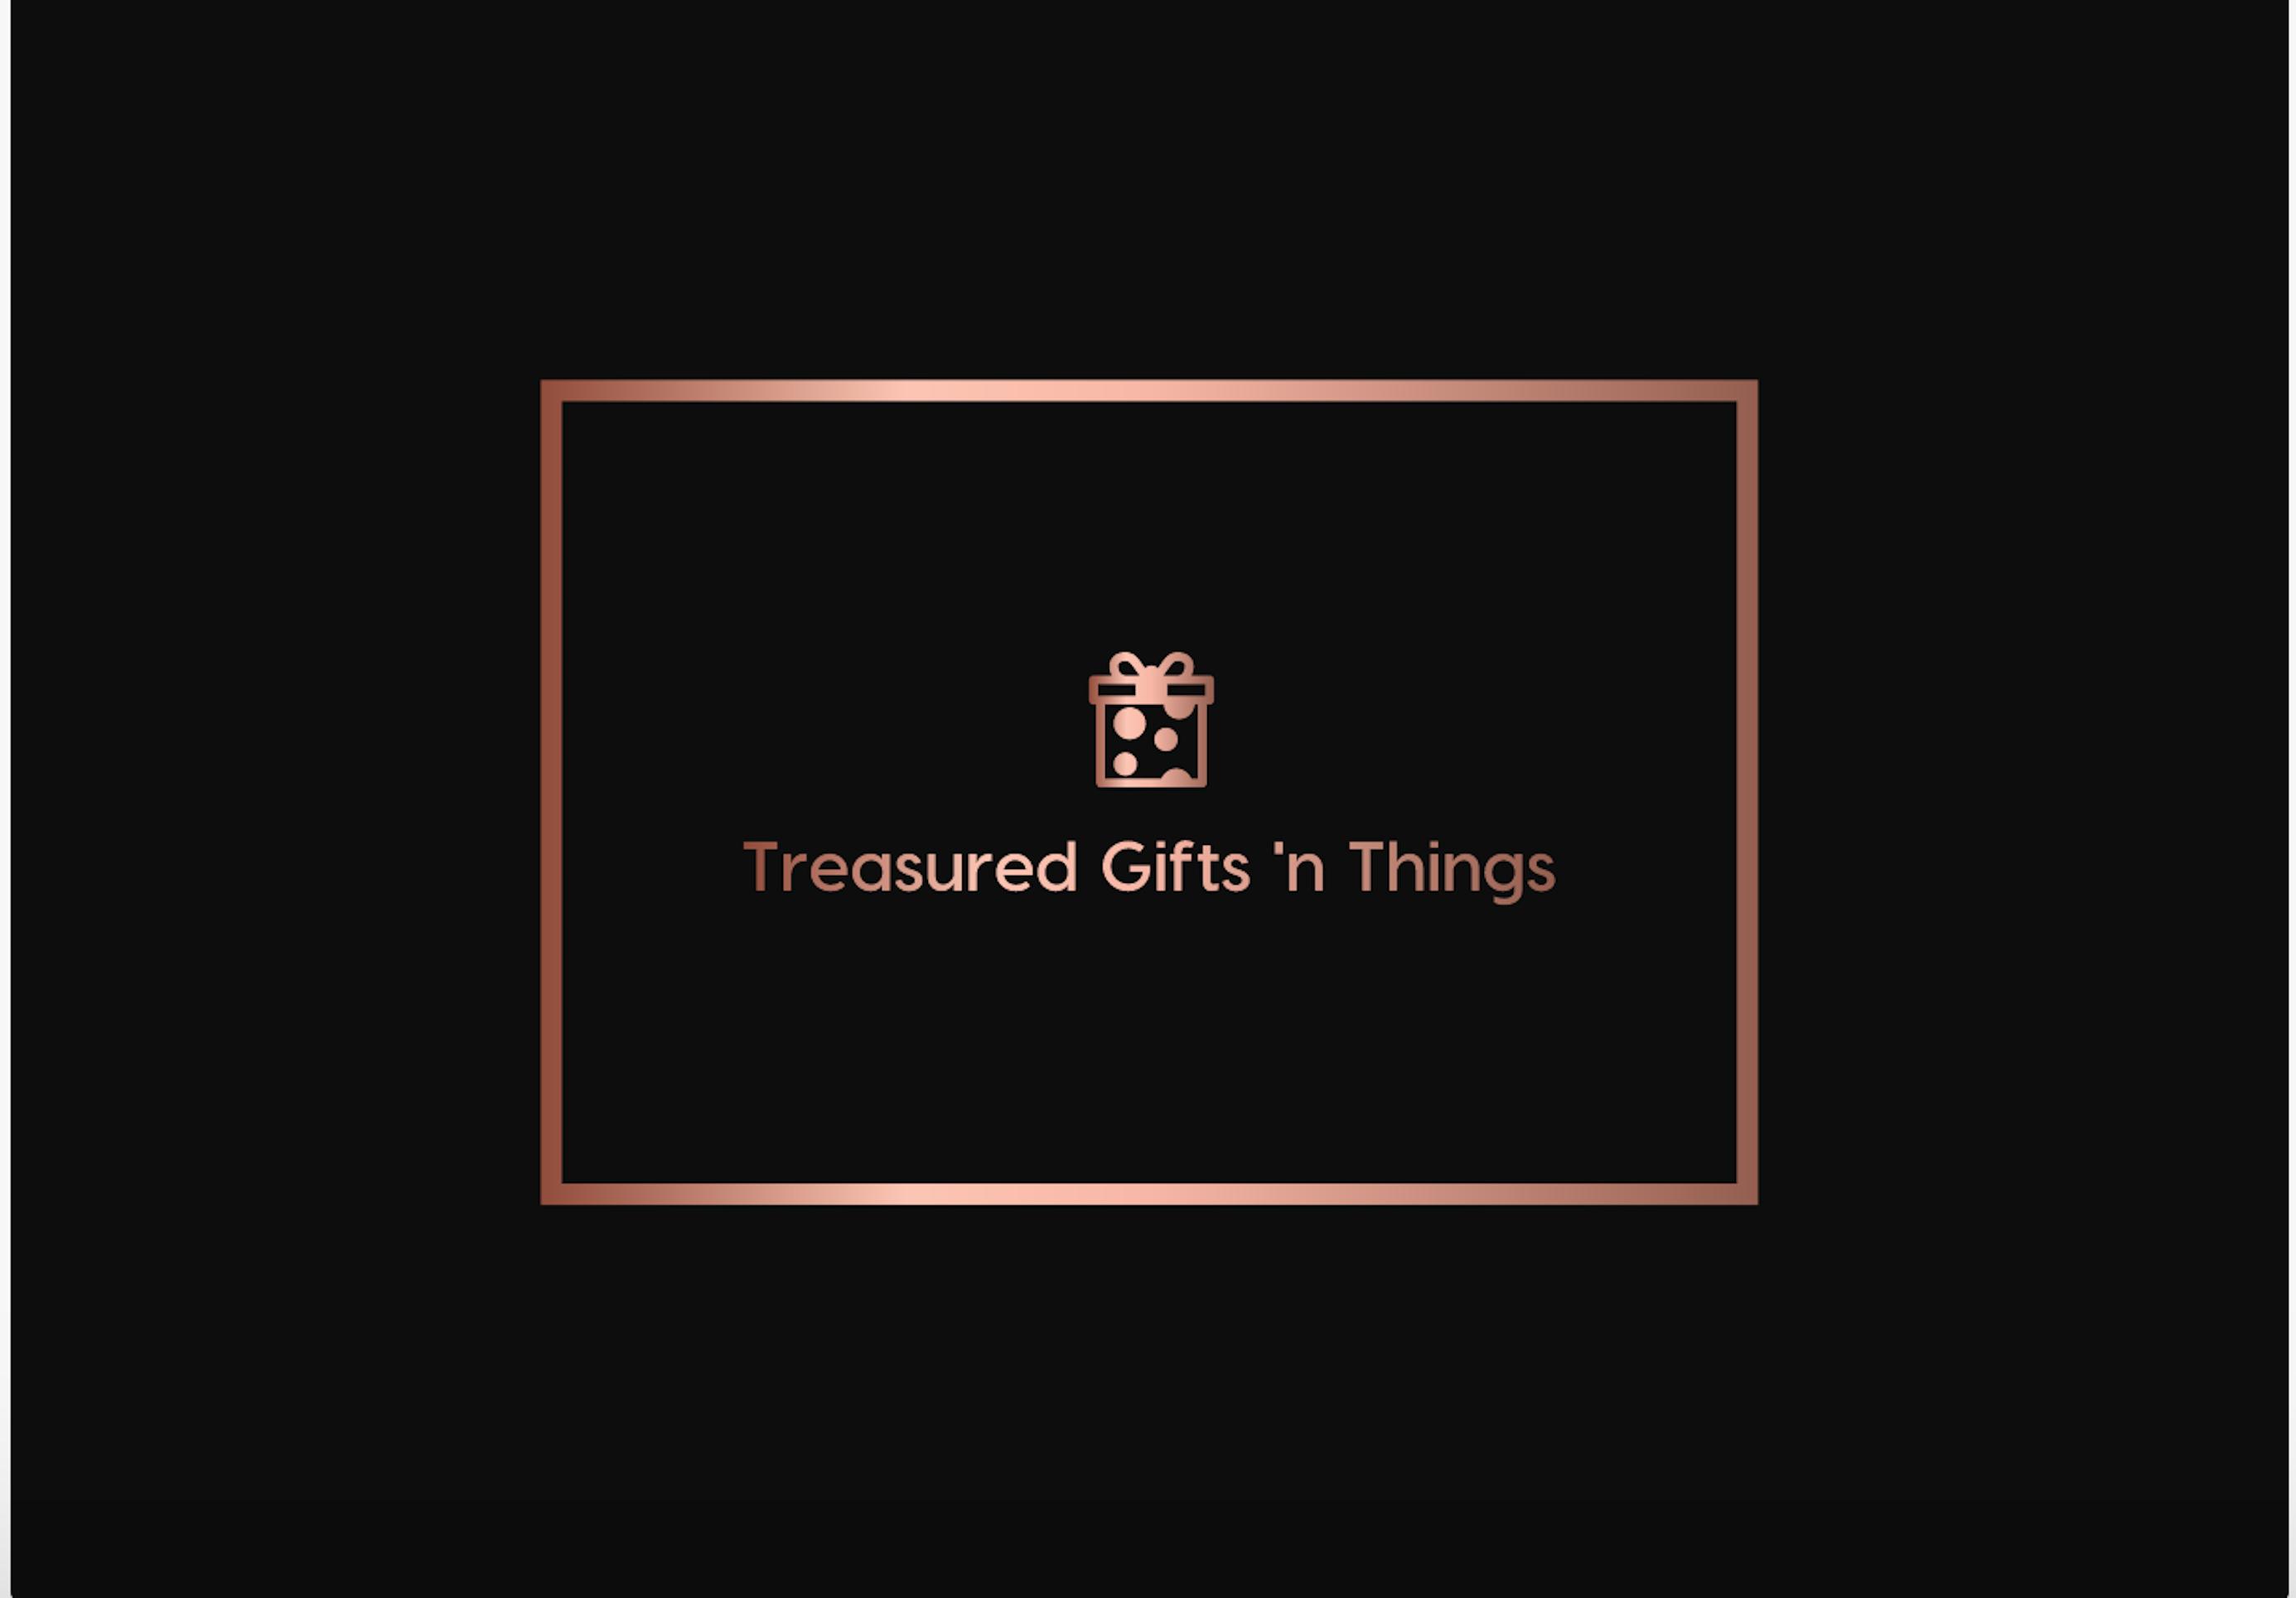 Treasured Gifts N Things